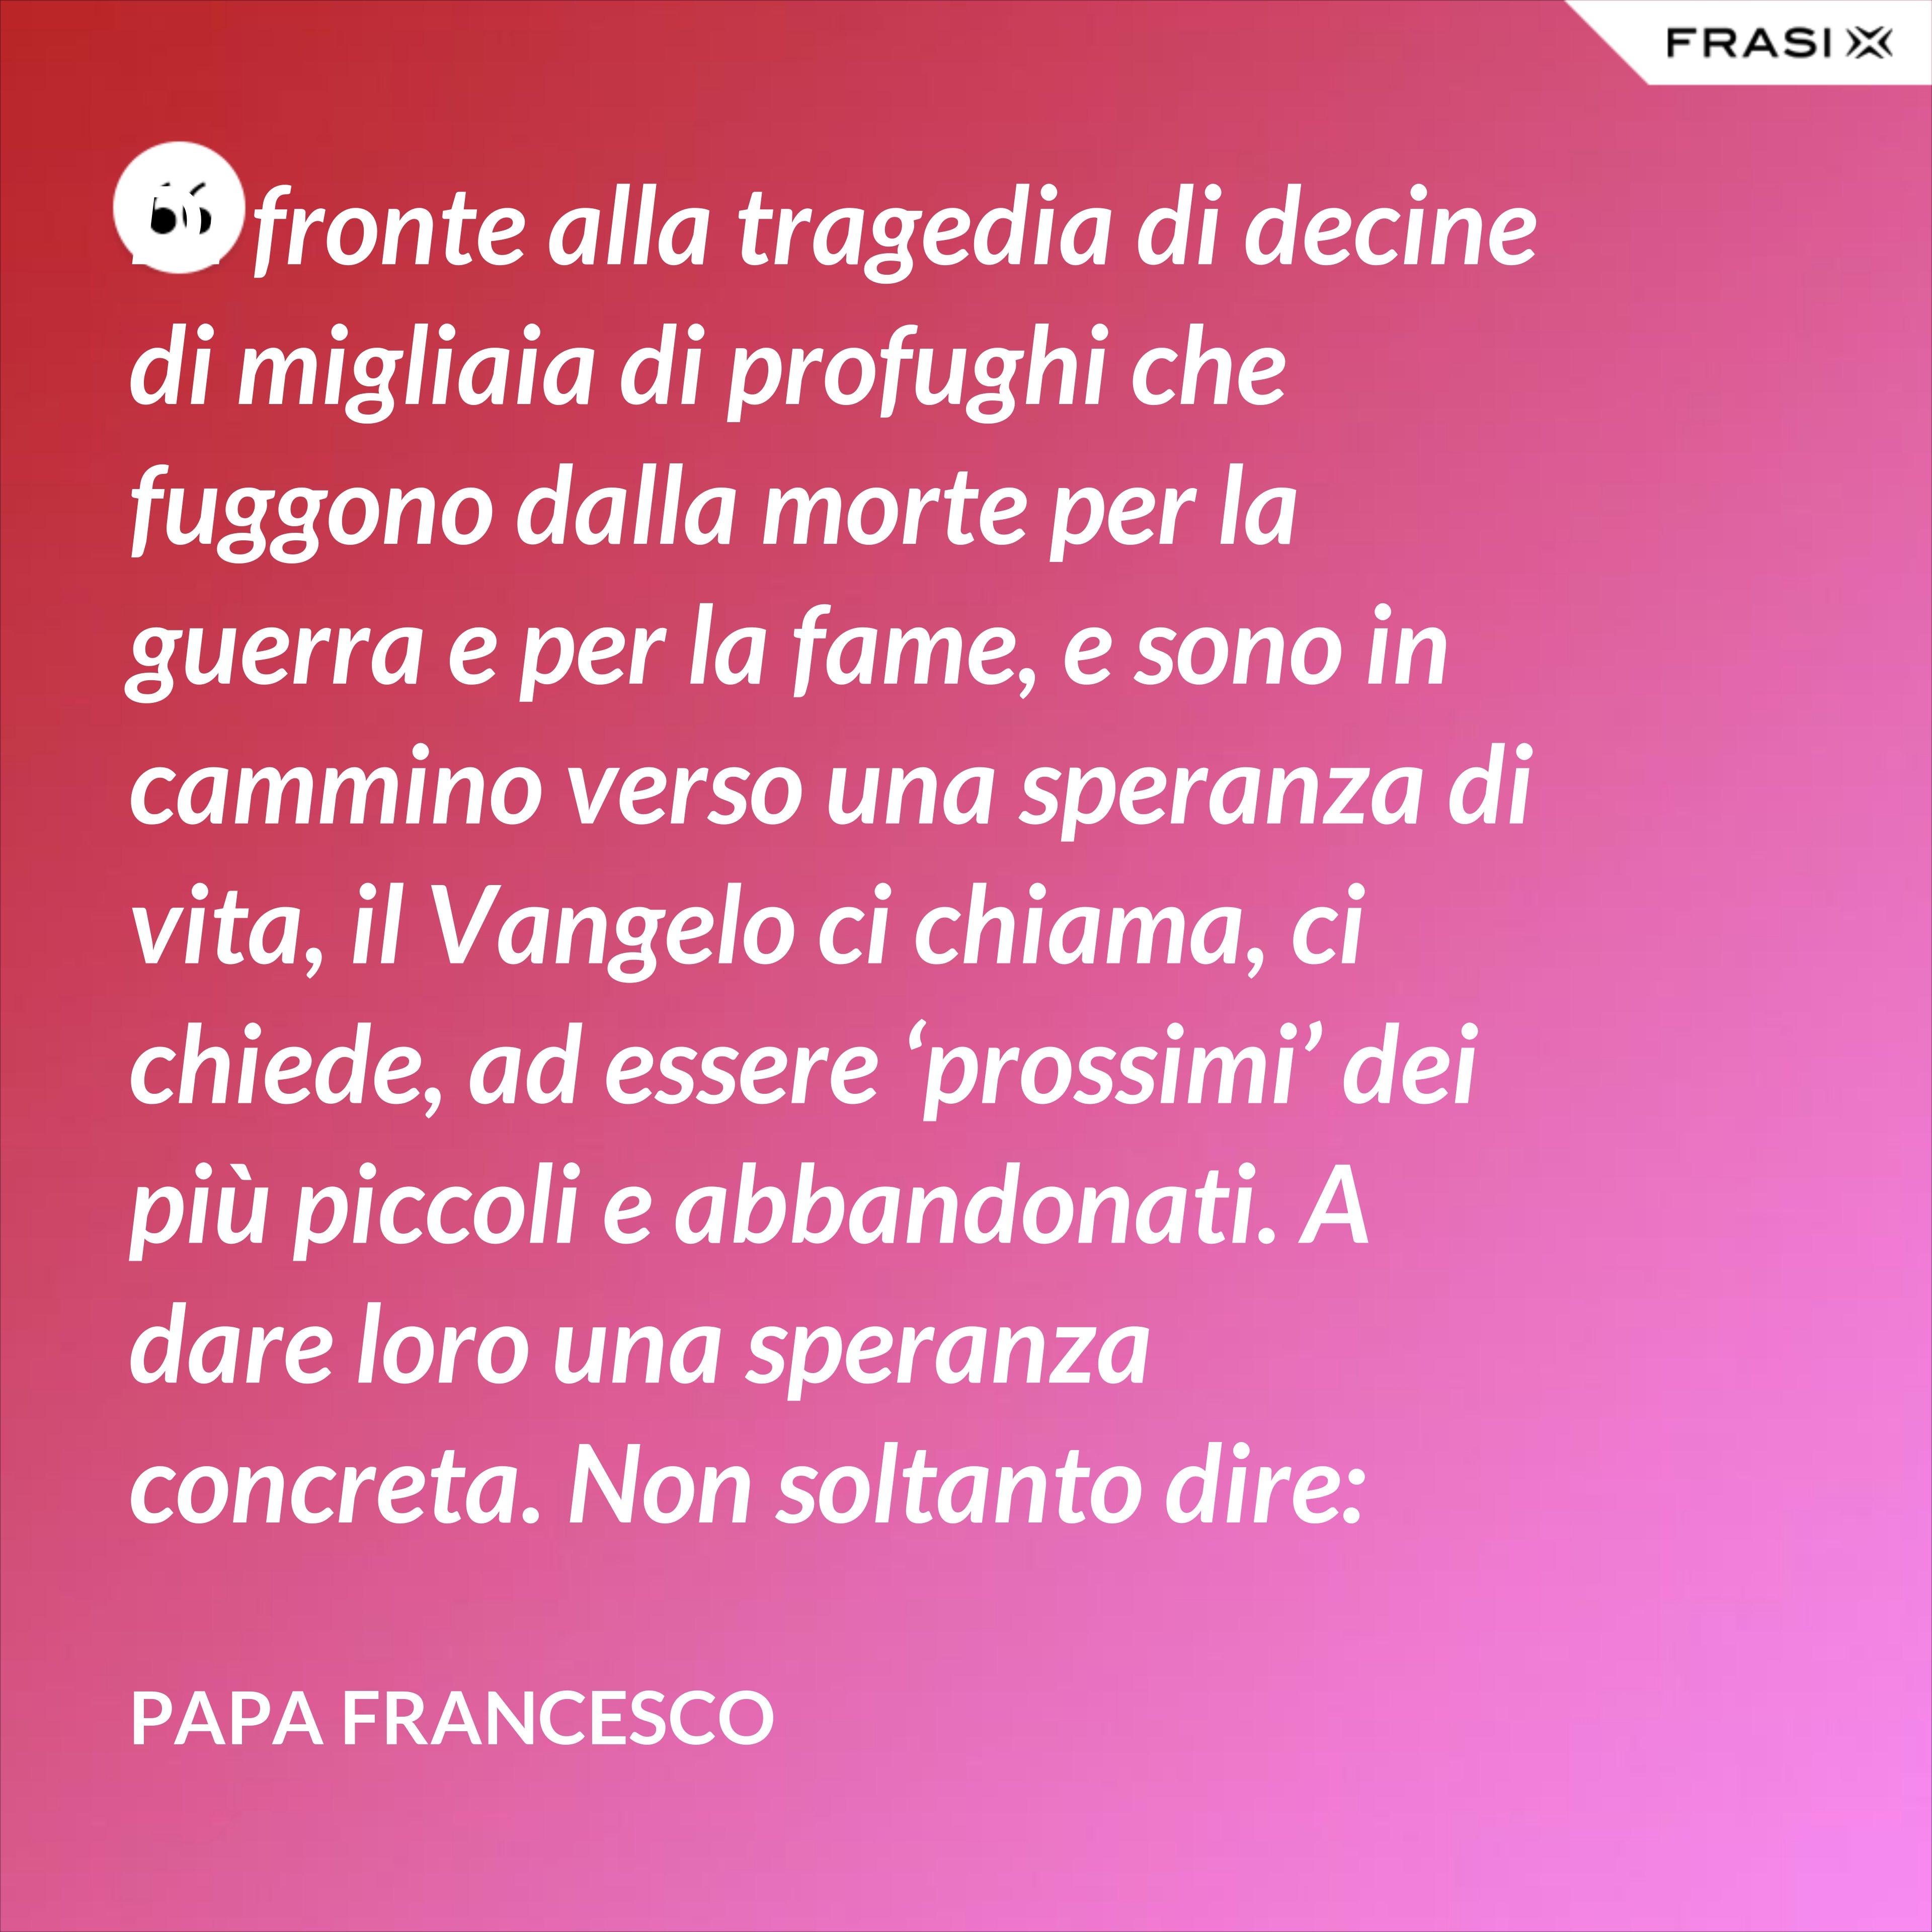 """Di fronte alla tragedia di decine di migliaia di profughi che fuggono dalla morte per la guerra e per la fame, e sono in cammino verso una speranza di vita, il Vangelo ci chiama, ci chiede, ad essere 'prossimi' dei più piccoli e abbandonati. A dare loro una speranza concreta. Non soltanto dire: """"Coraggio, pazienza!…"""" - Papa Francesco"""